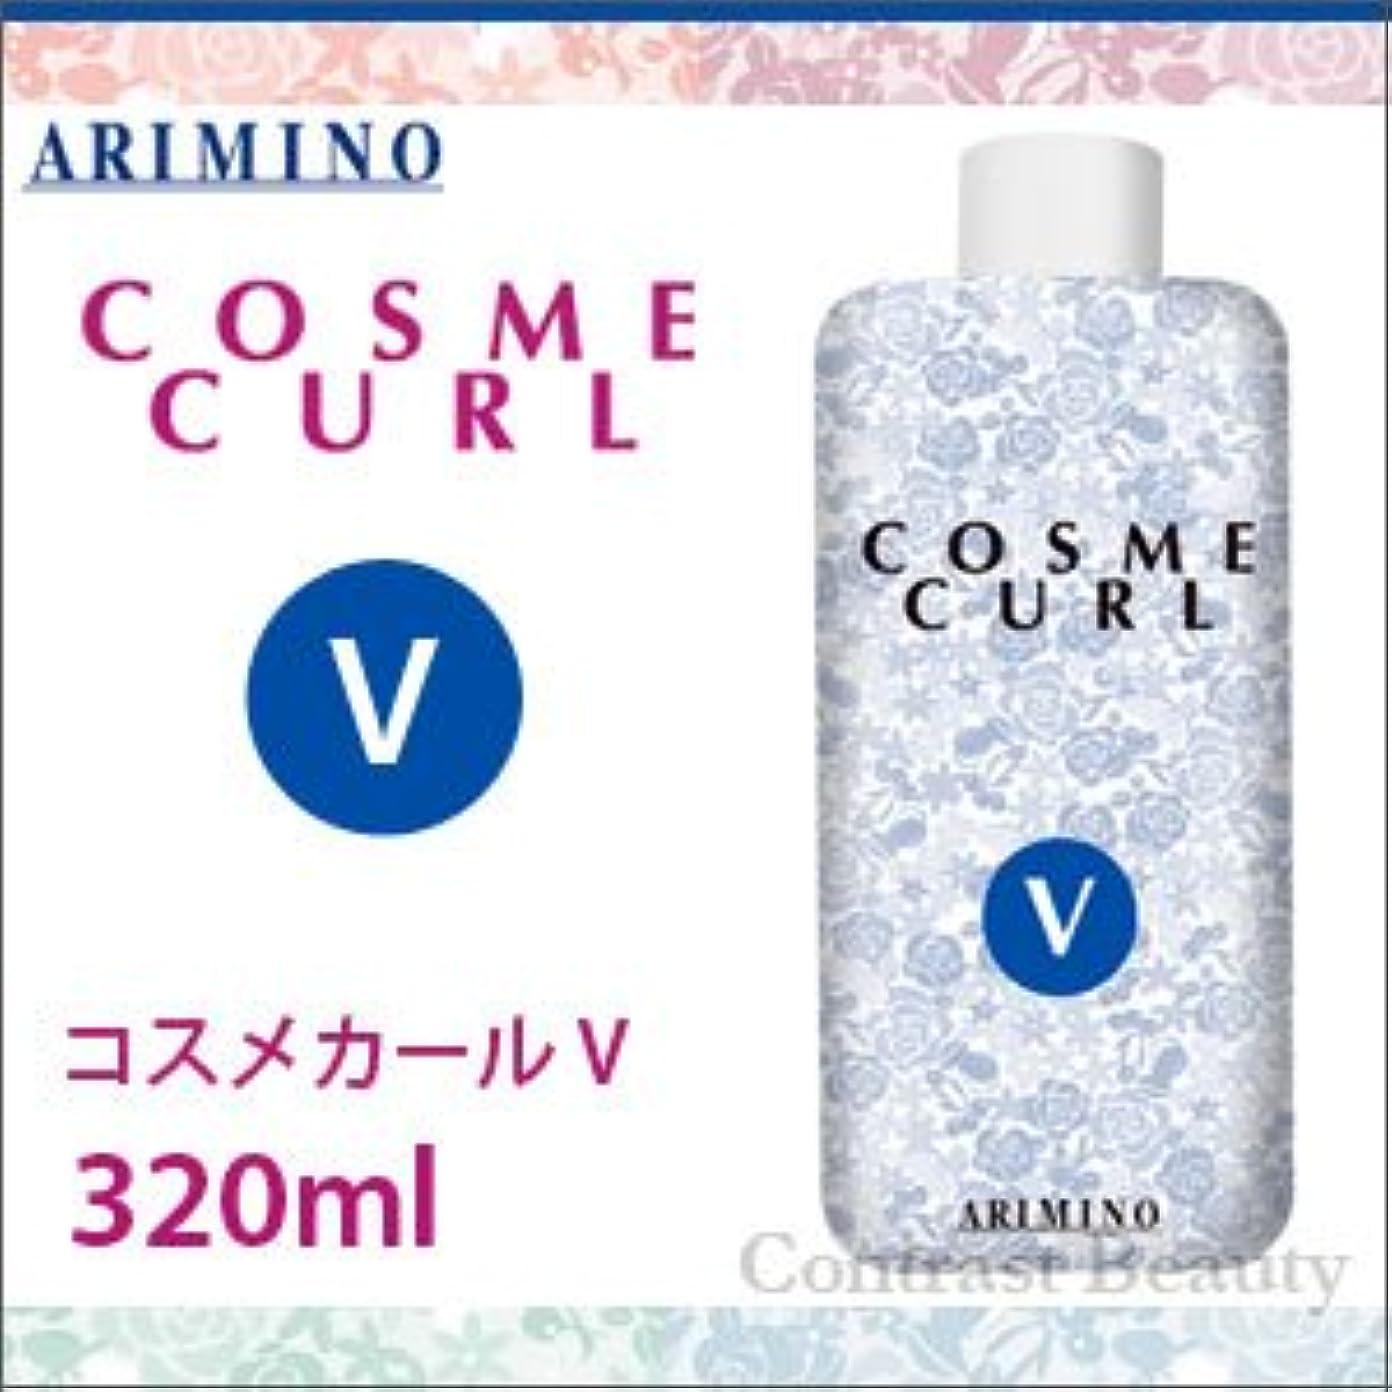 証明するから聞く歩くアリミノ コスメカール V 320ml